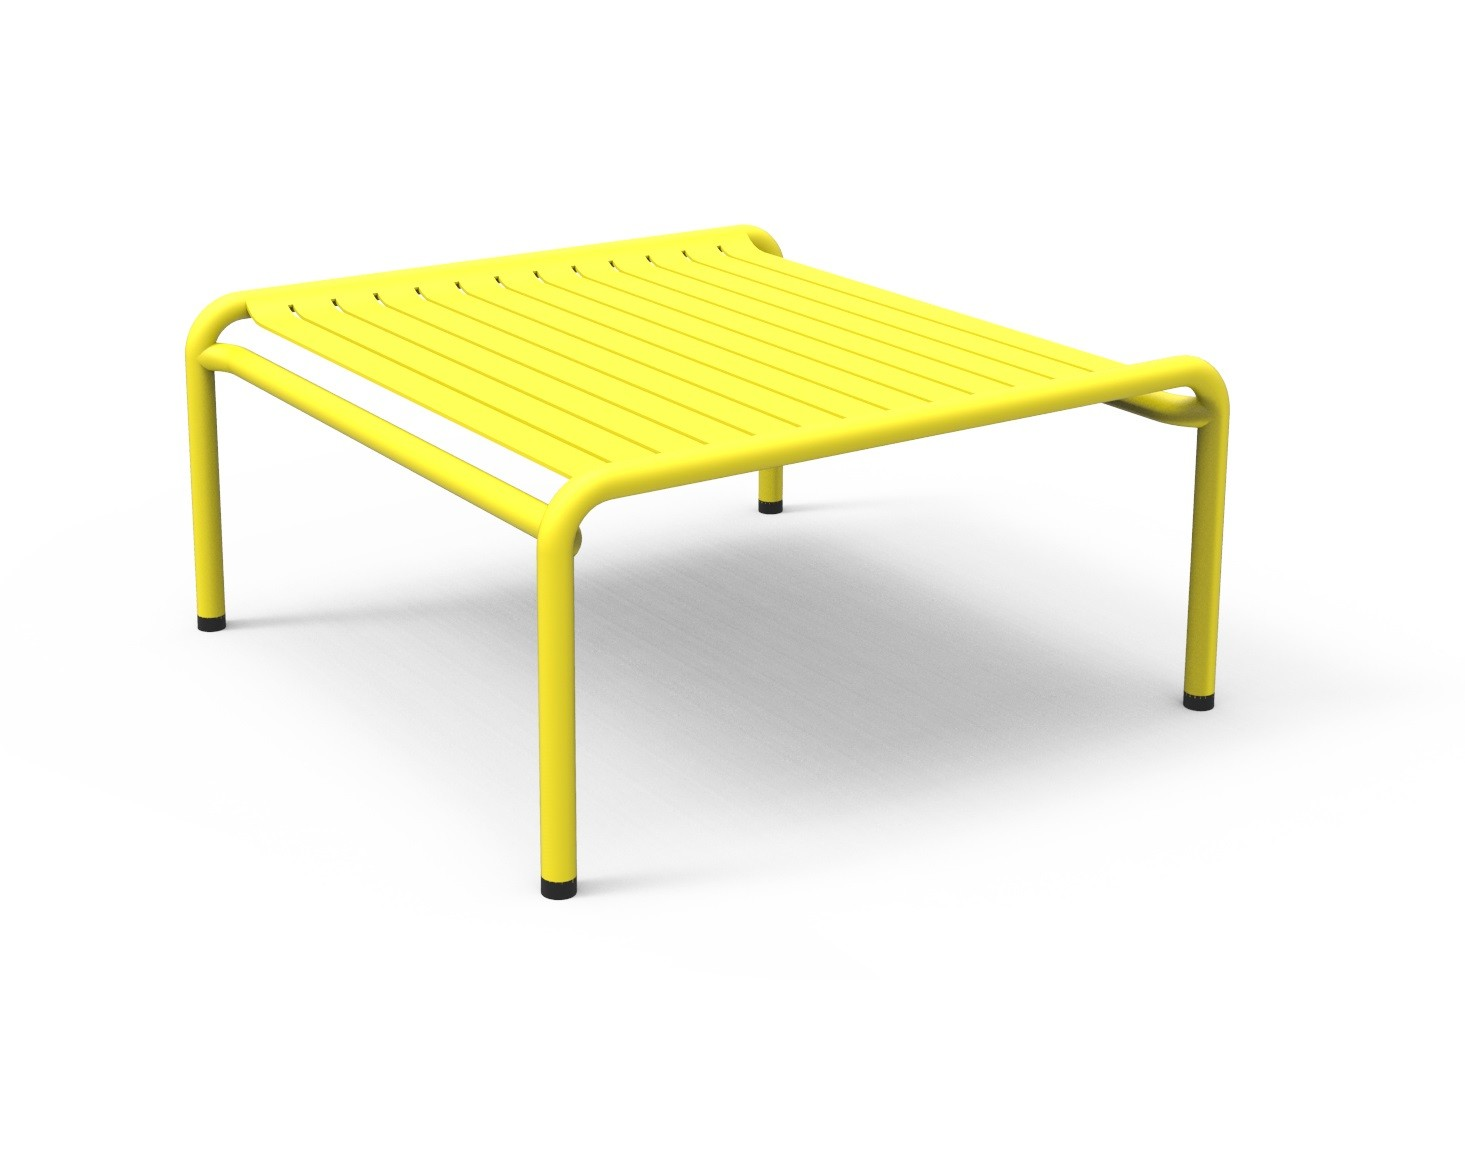 table basse week end de petite friture jaune. Black Bedroom Furniture Sets. Home Design Ideas